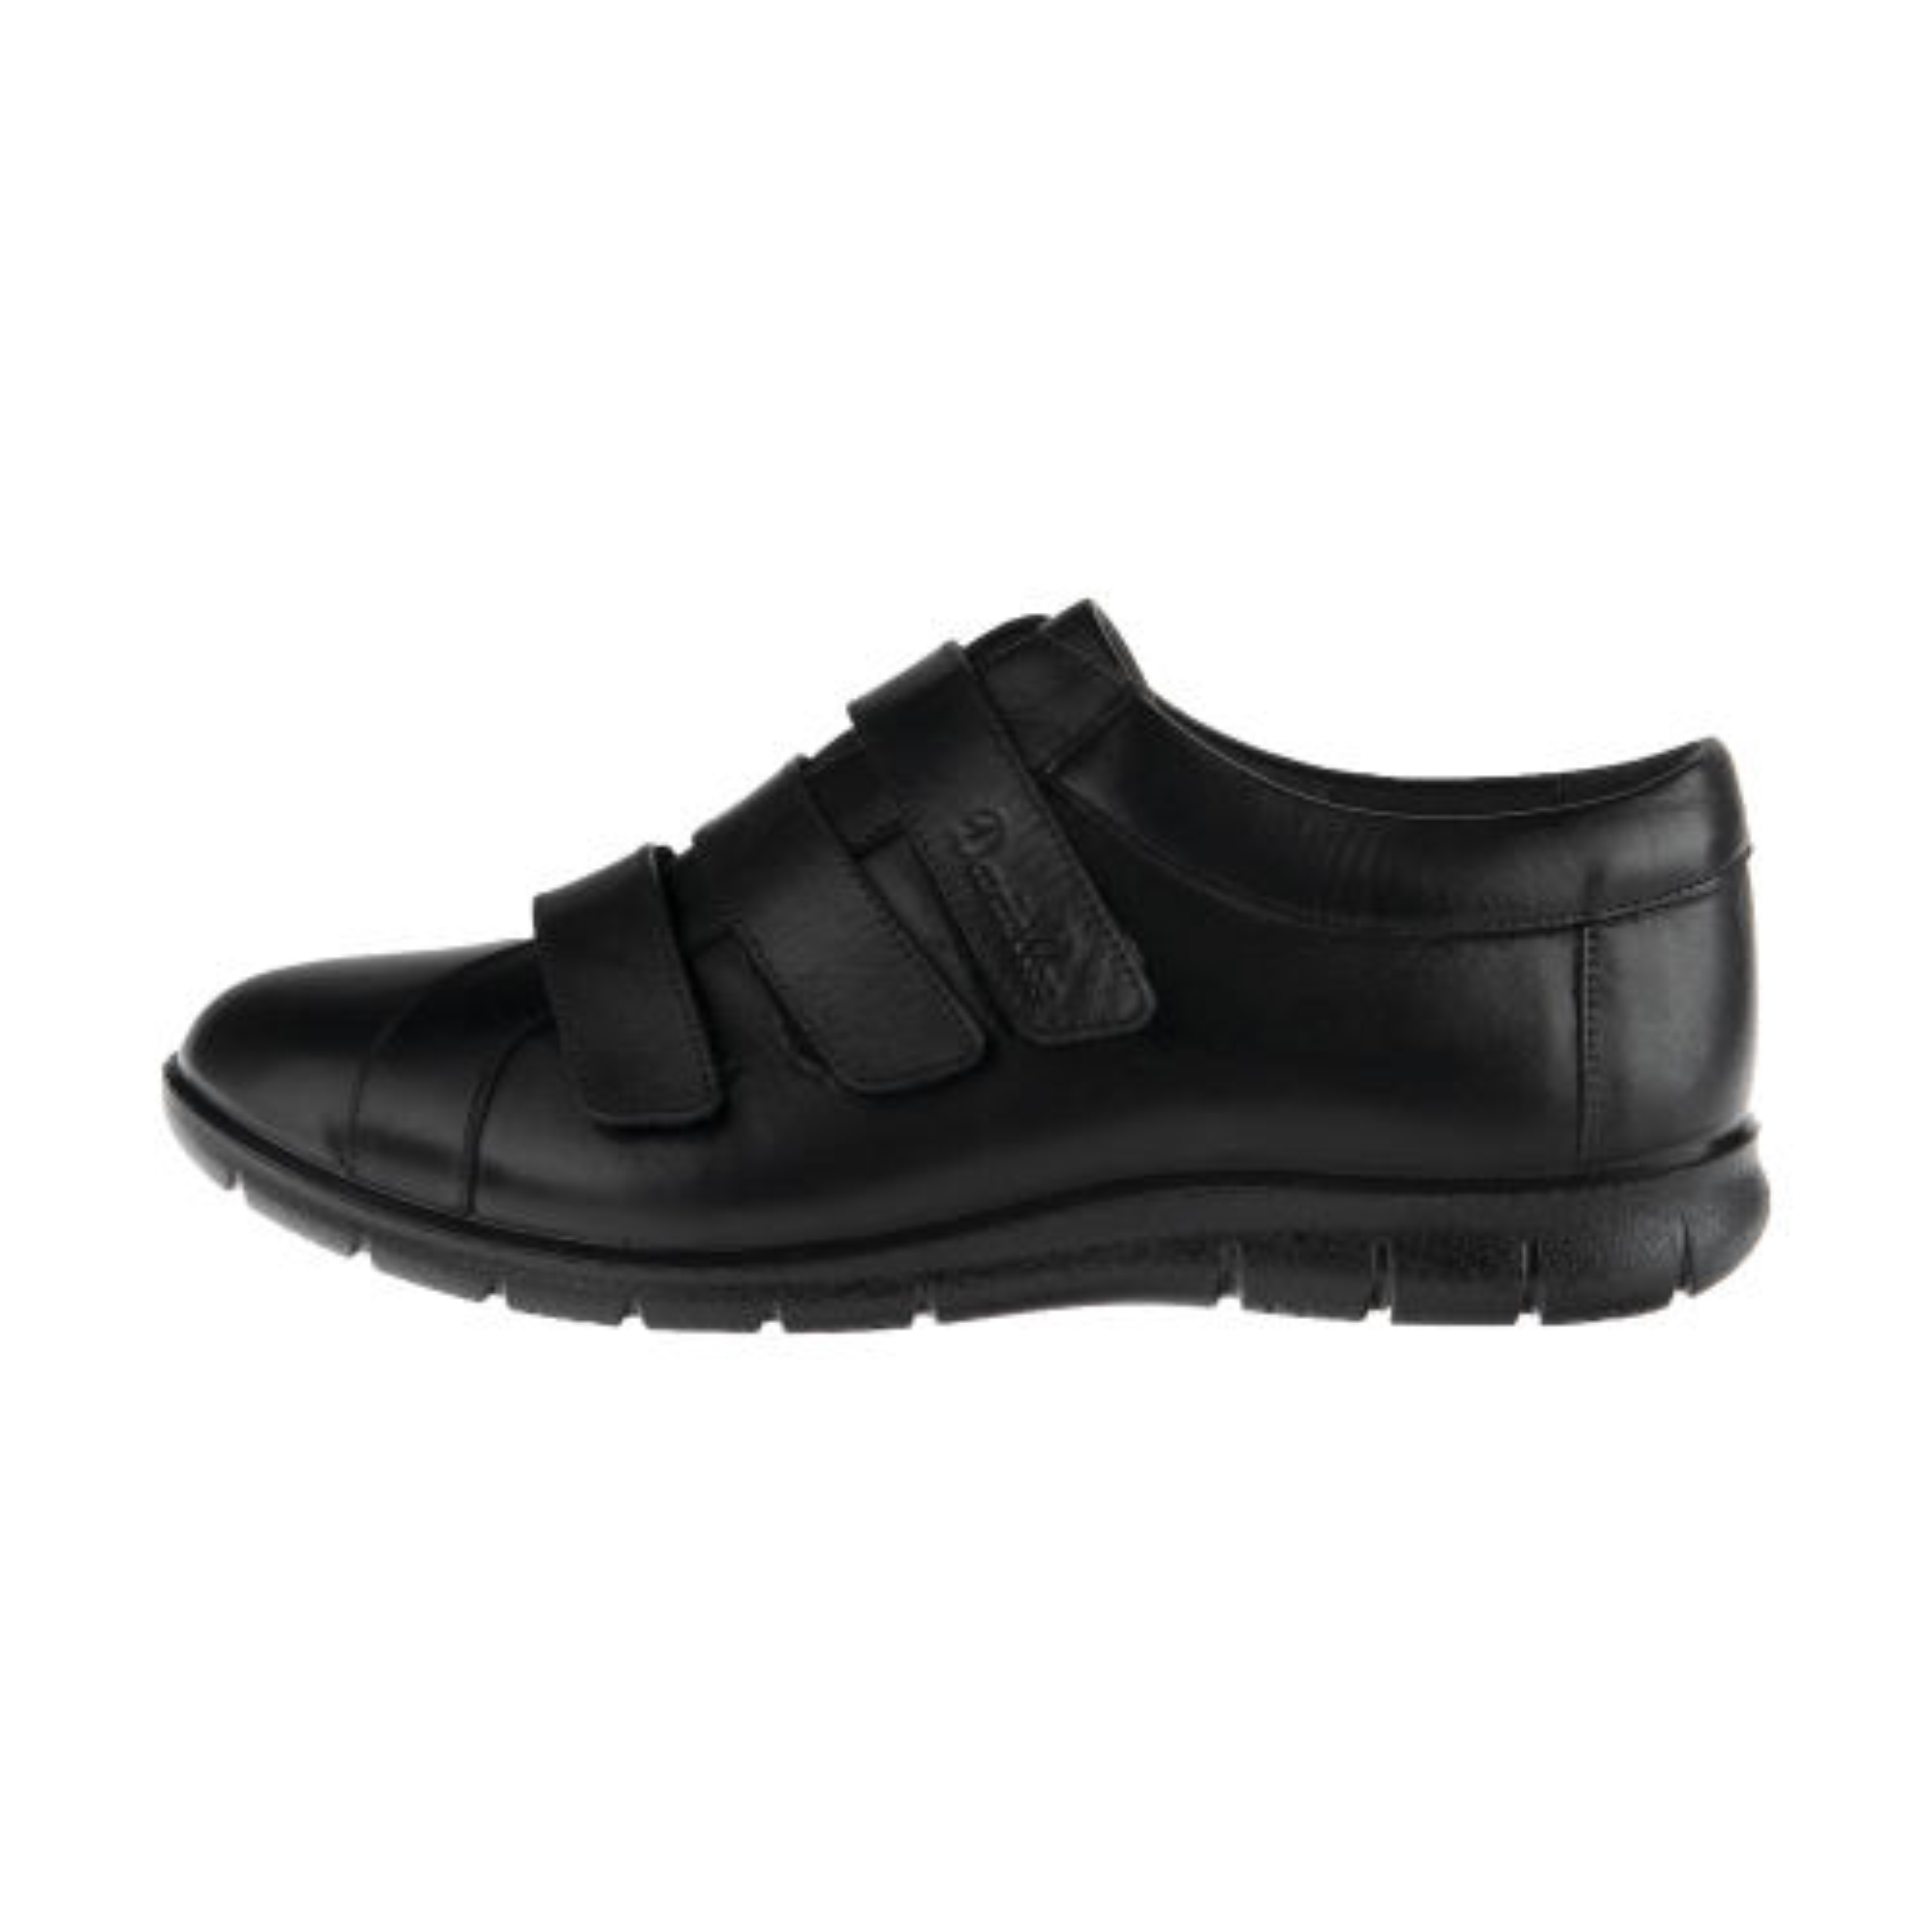 کفش زنانه دنیلی مدل 110080011001